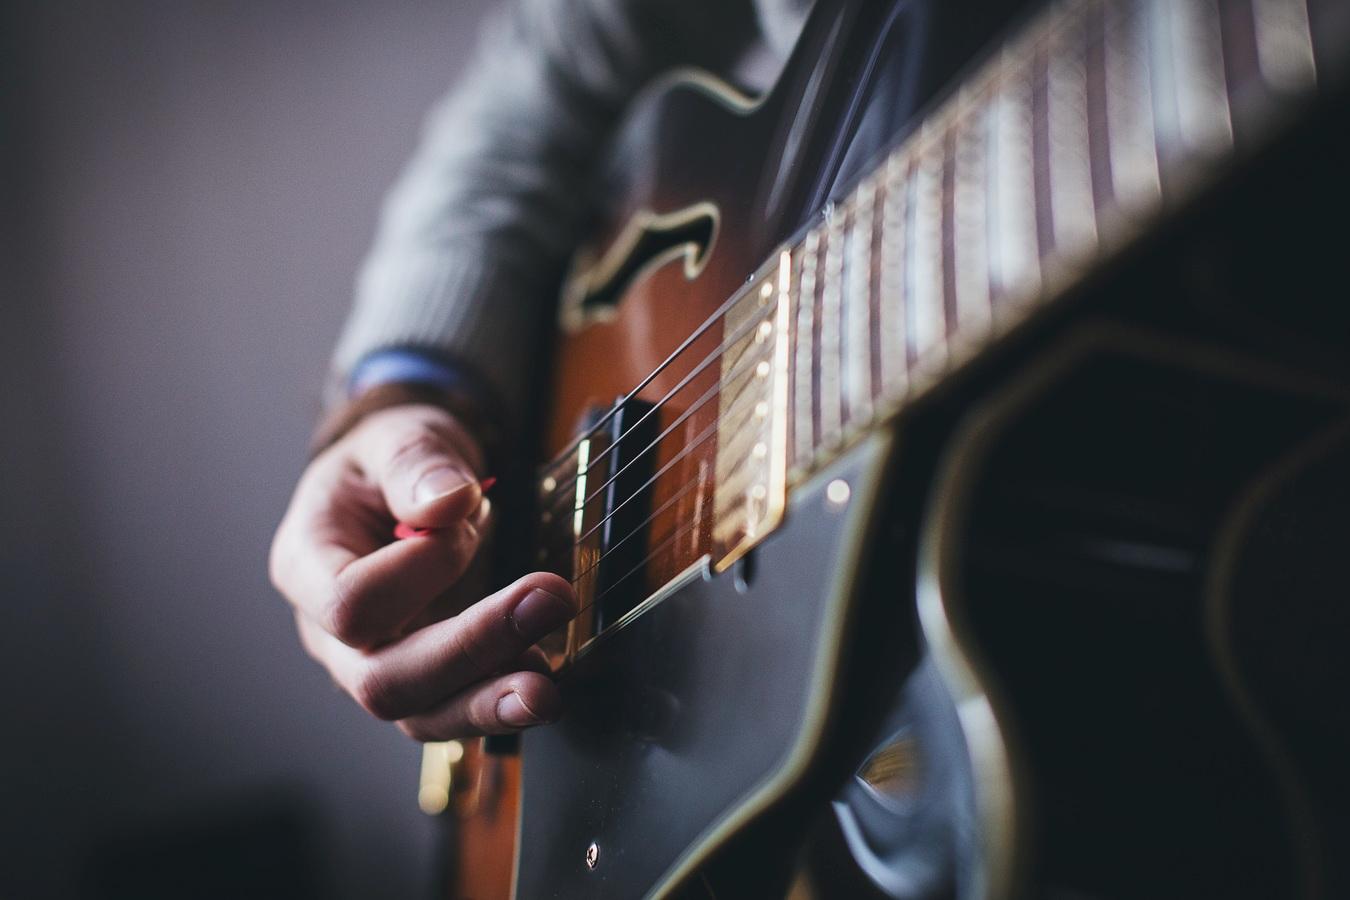 Performance Brainspotting Guitar Brainspotting Music Brainspotting